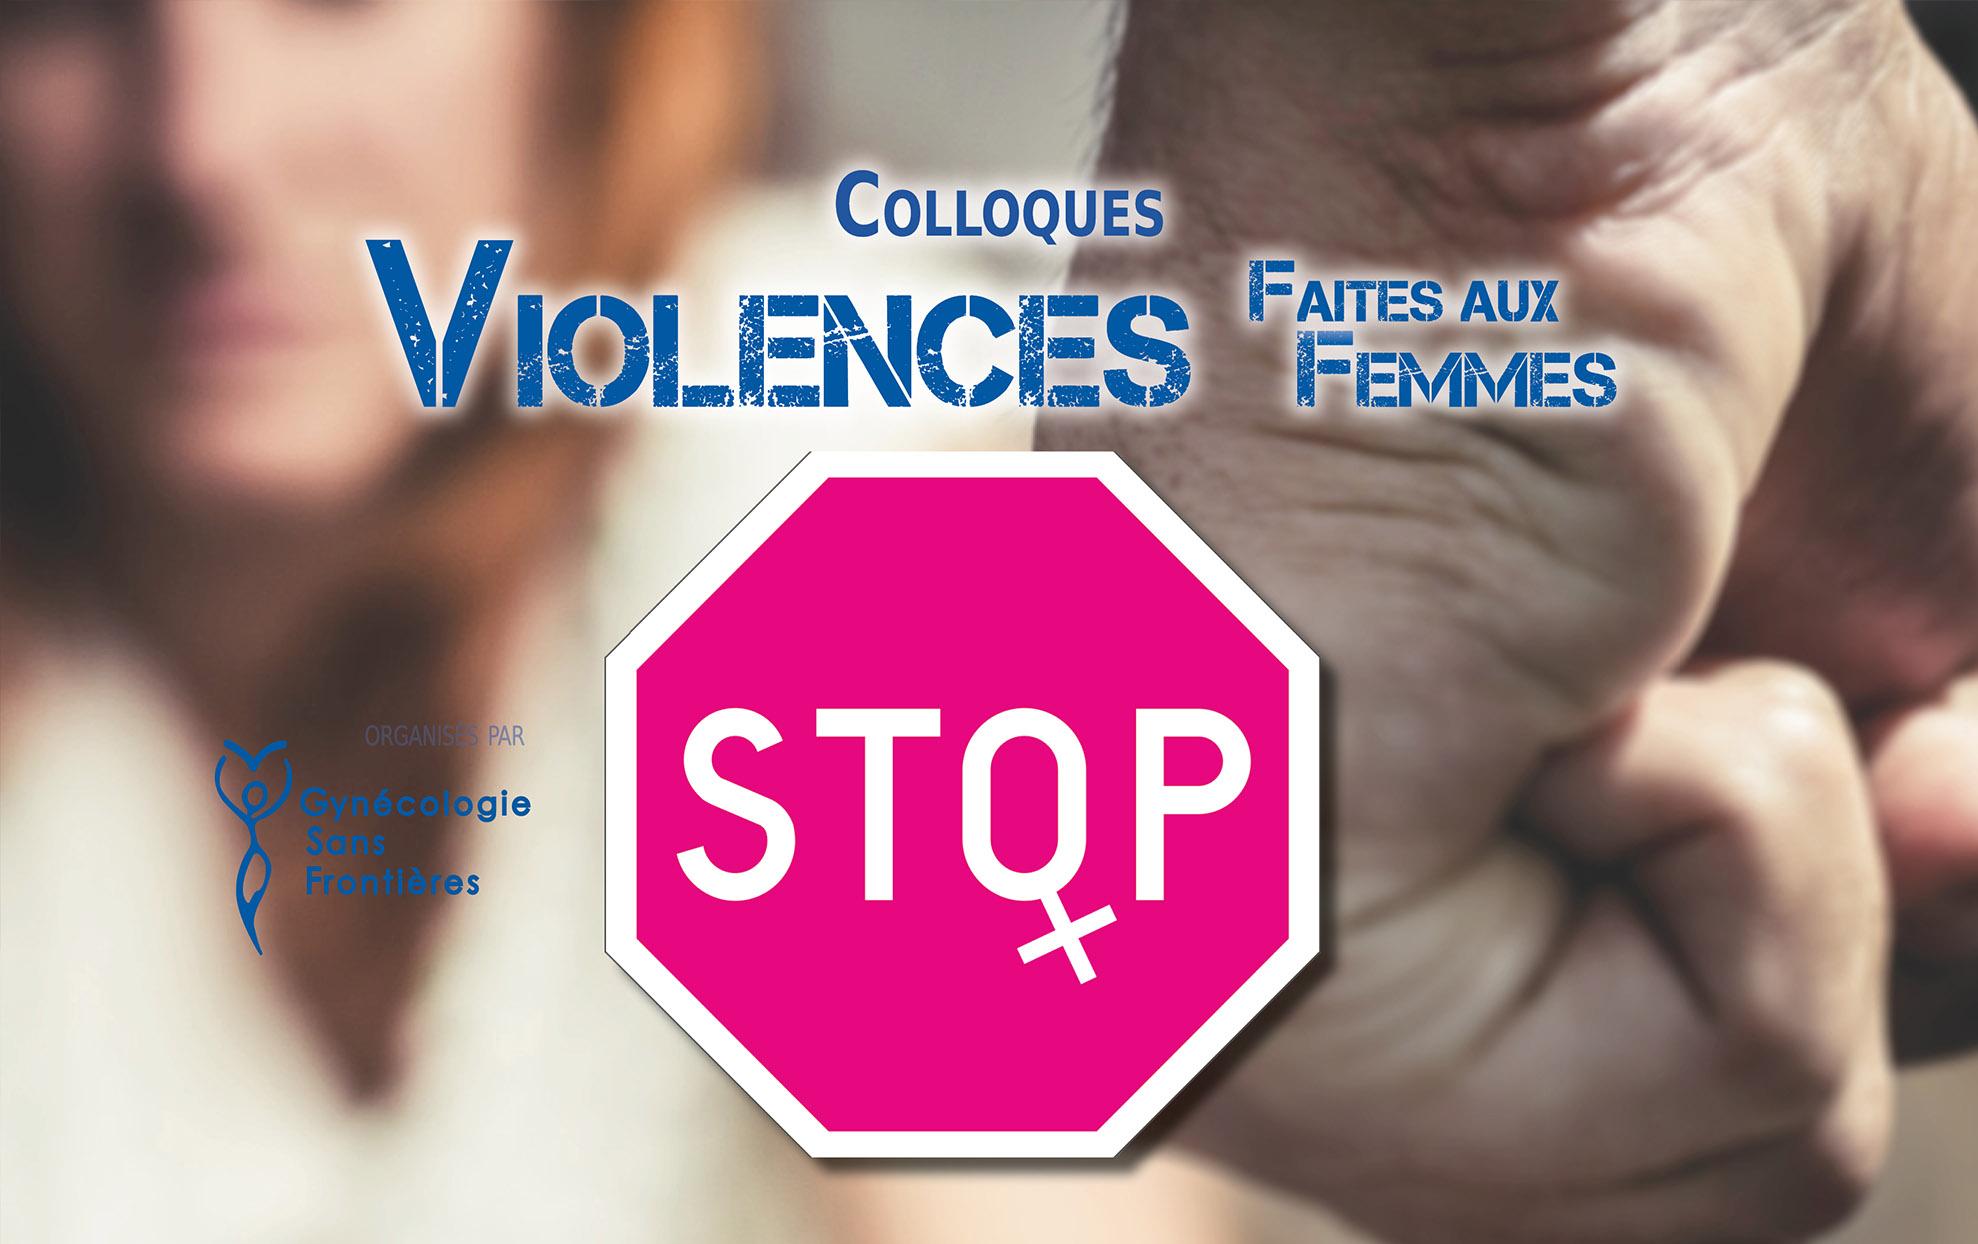 Violences faites aux femmes : un colloque pour agir le 6 novembre 2020 à LA CIOTAT (13)